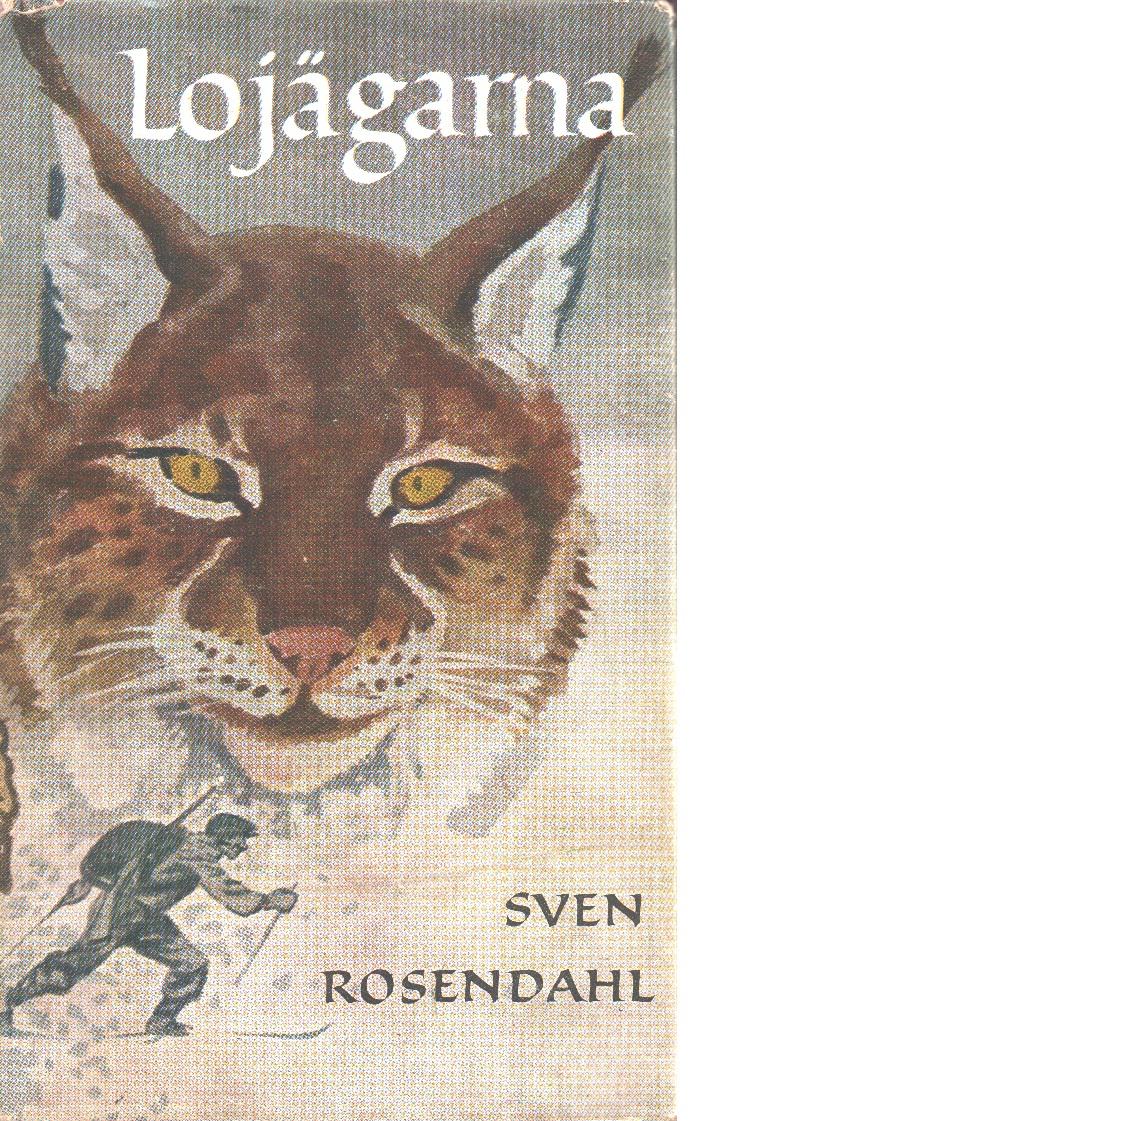 Lojägarna - Rosendahl, Sven